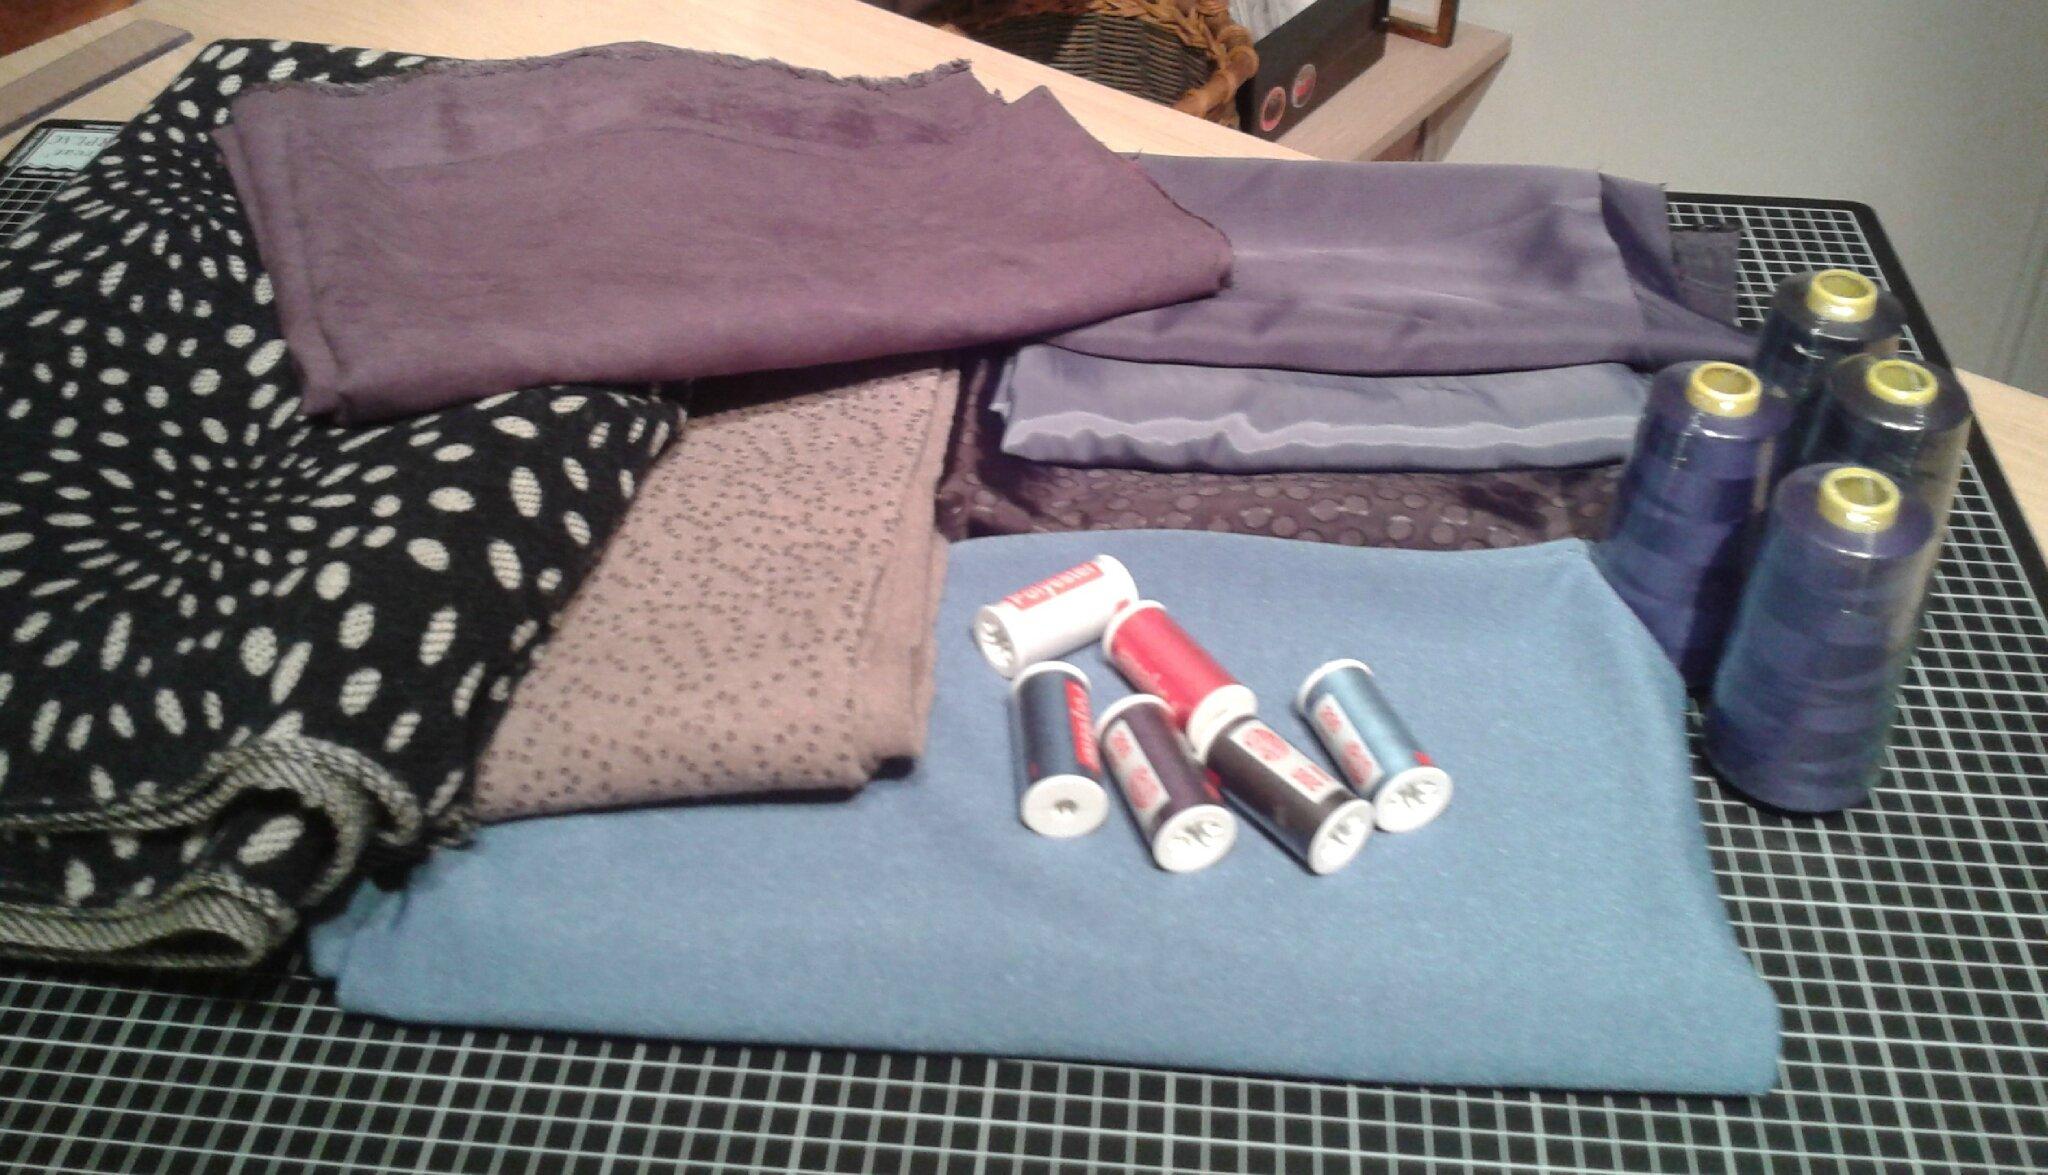 Marche du tissu a reims touche a tout for Couture a reims